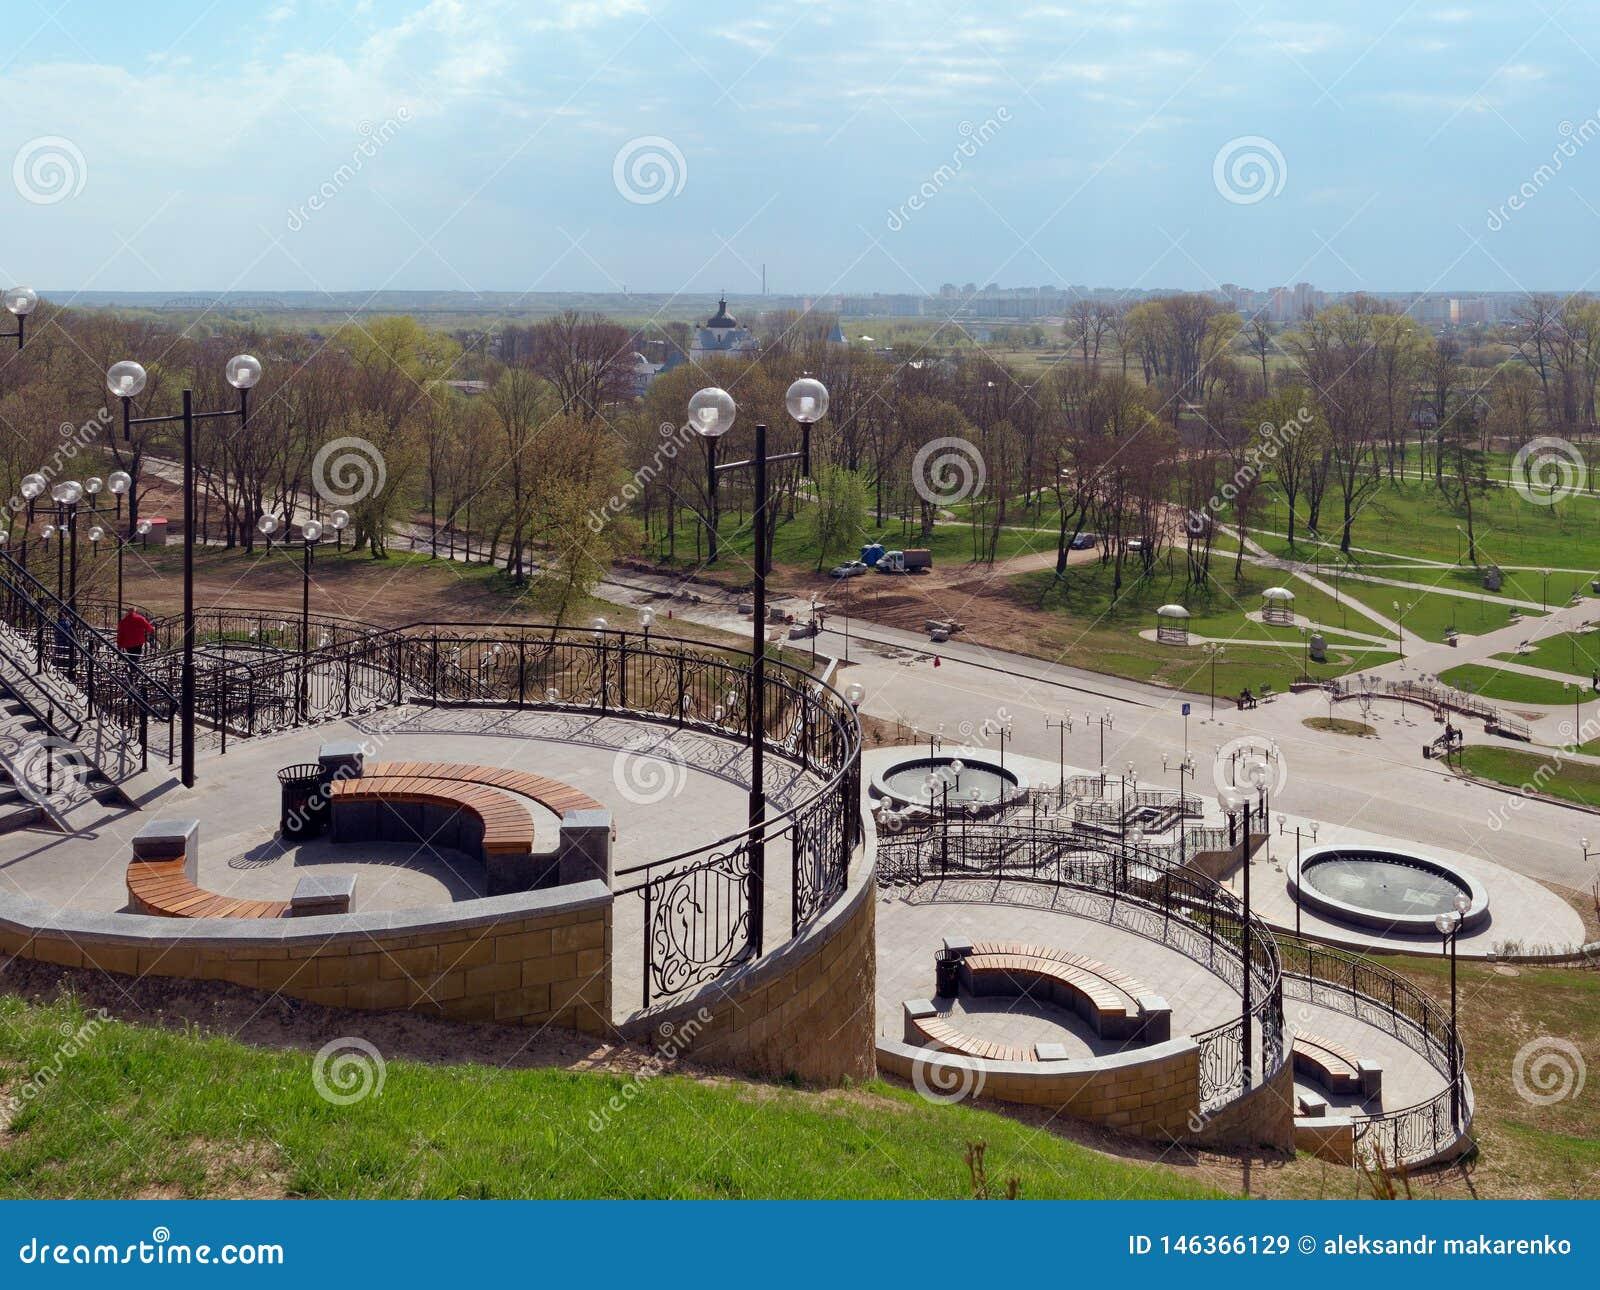 MOGILEV, BELARUS - 27 AVRIL 2019 : secteur de parc avec un escalier et une fontaine